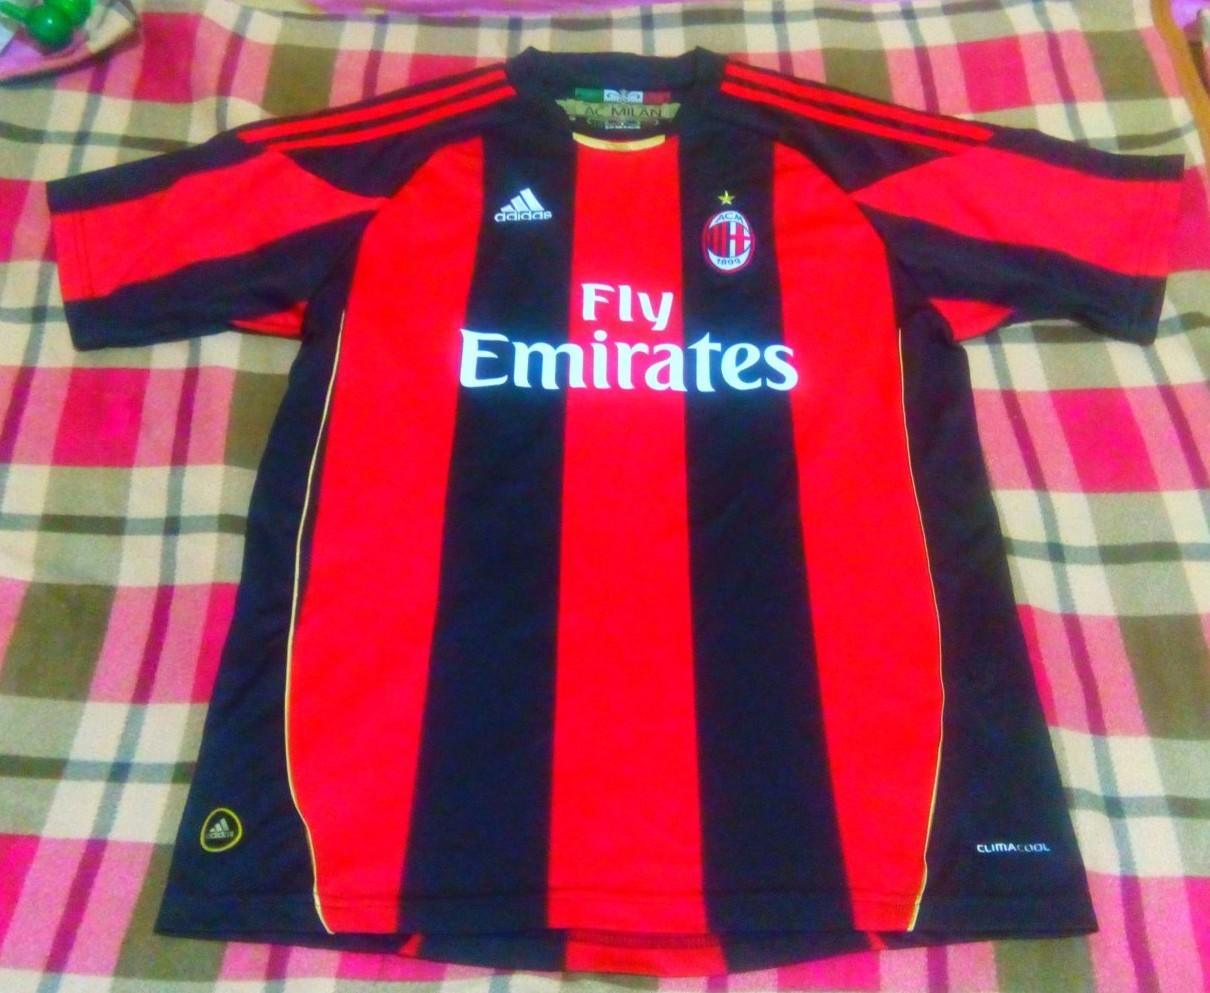 AC Milan Home maglia di calcio 2010 - 2011. Sponsored by Emirates